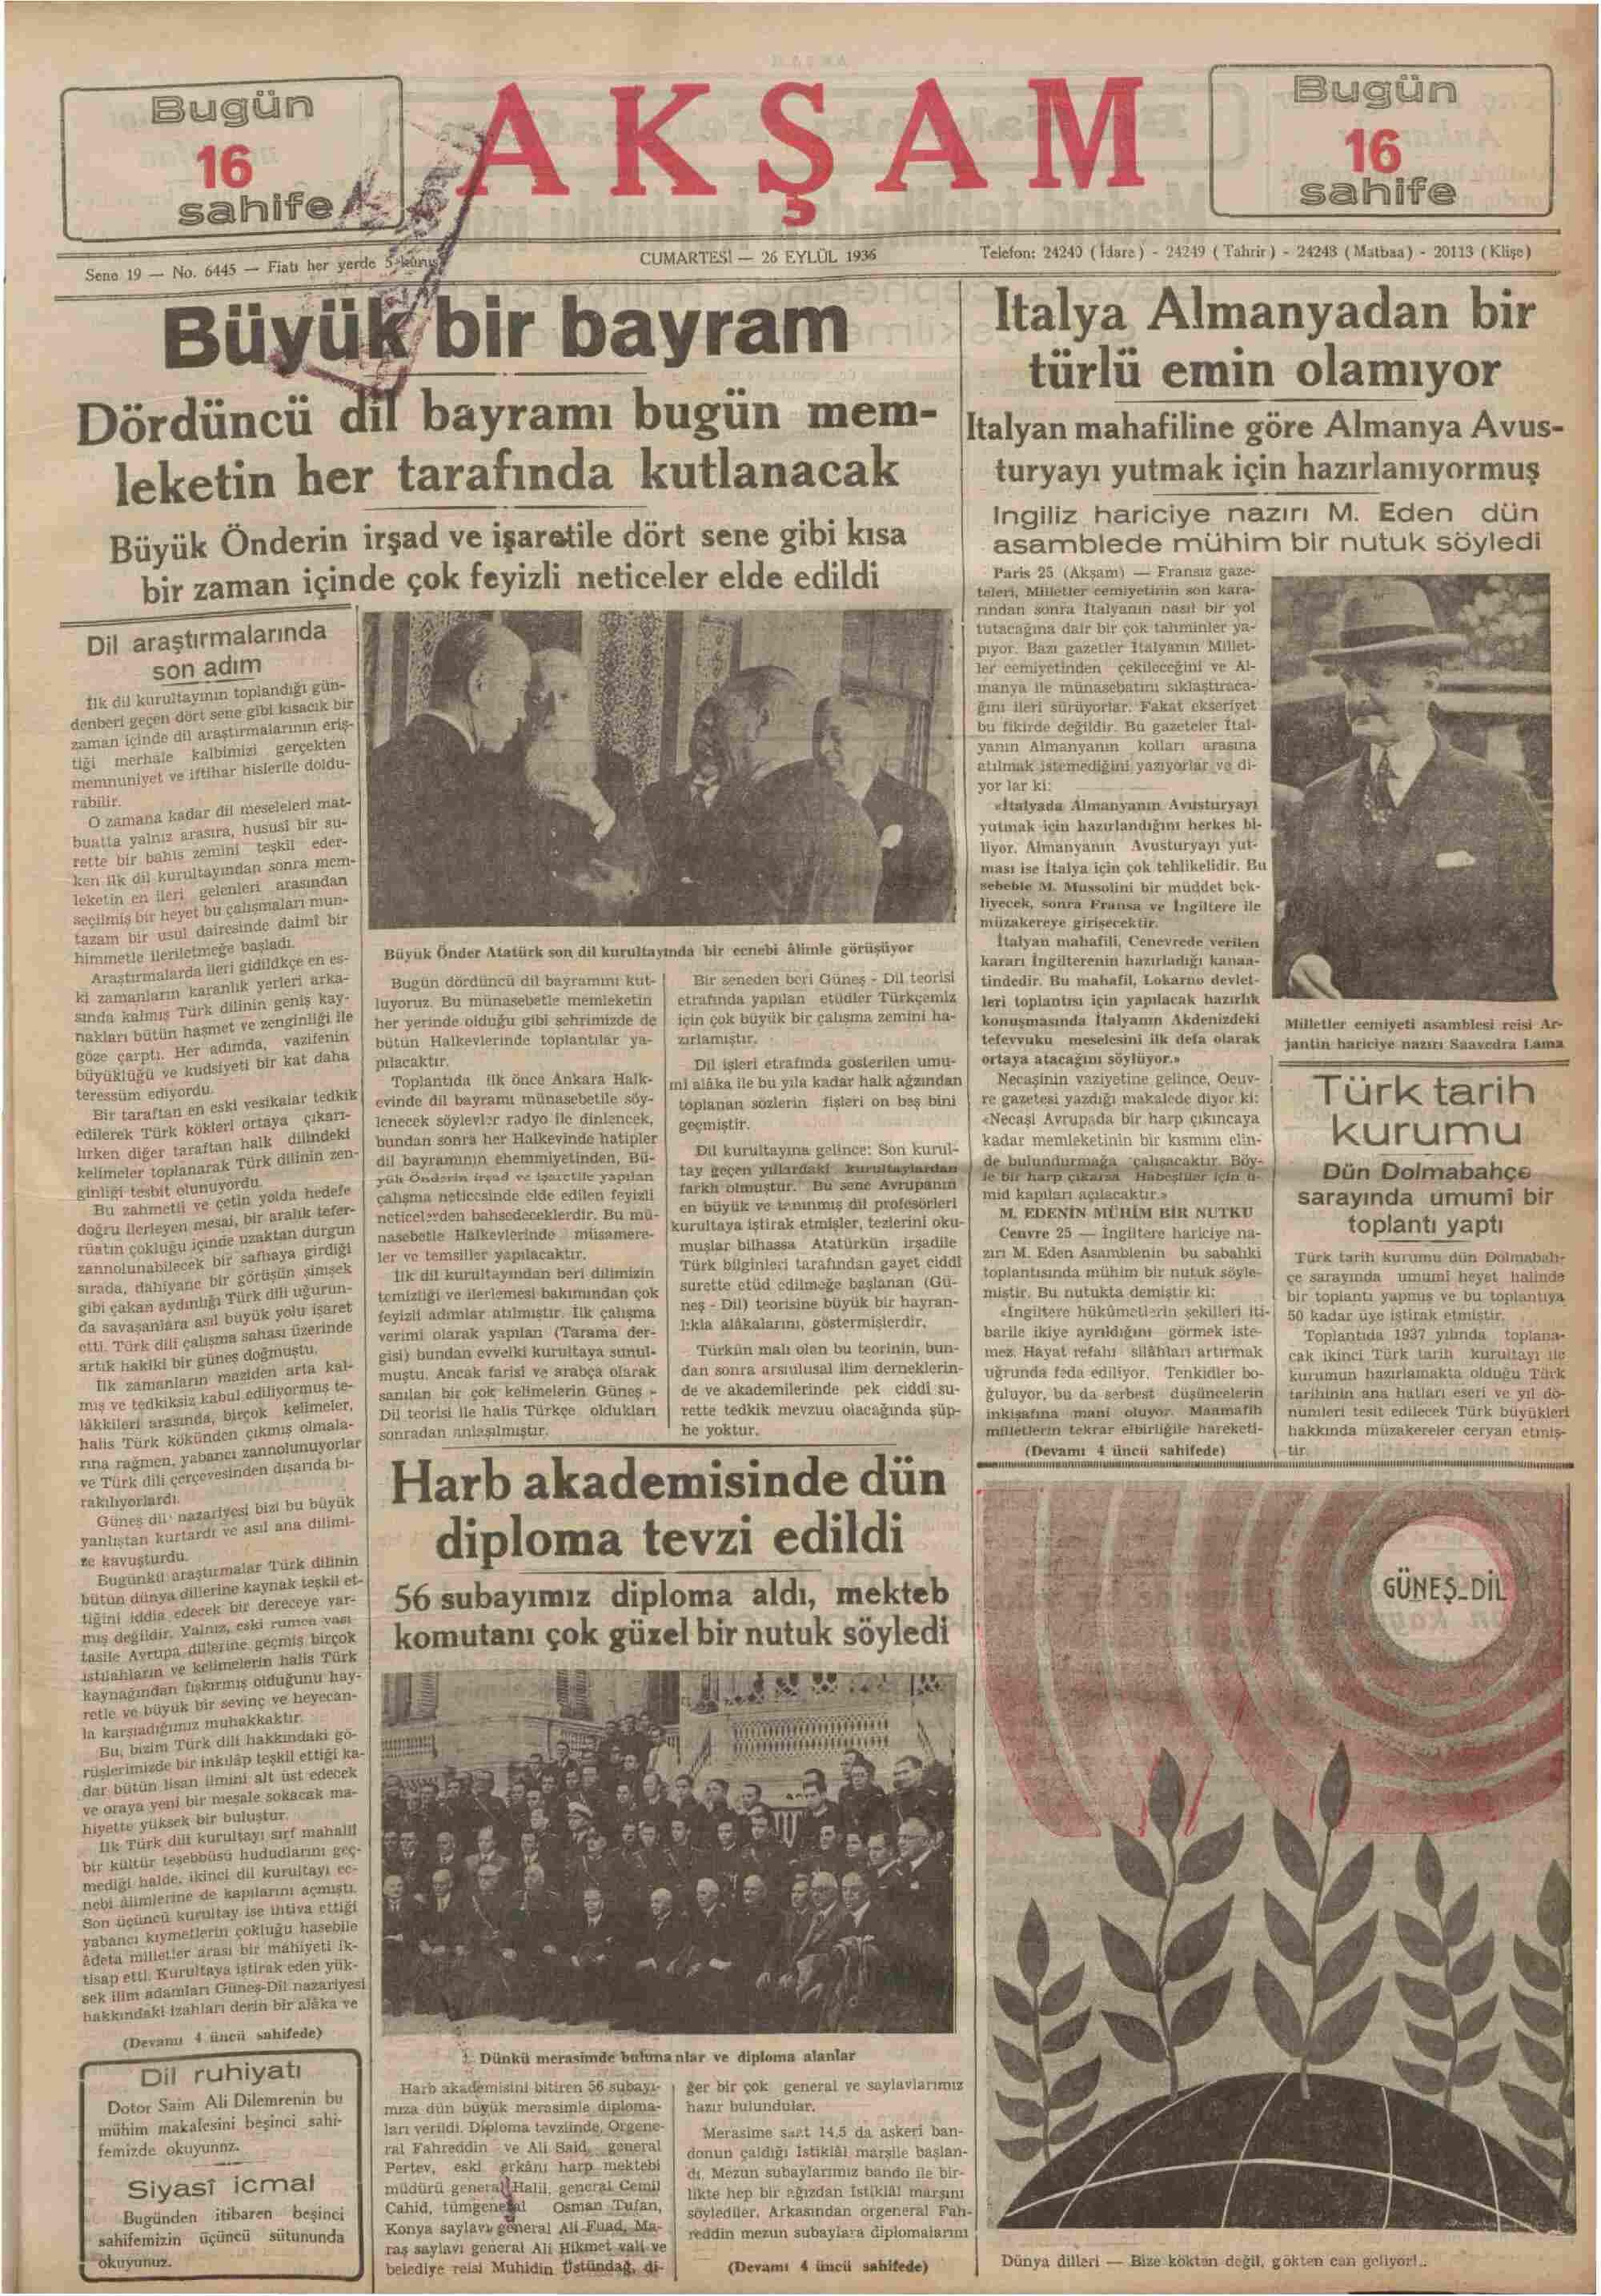 26 Eylül 1936 Tarihli Akşam Gazetesi Sayfa 1